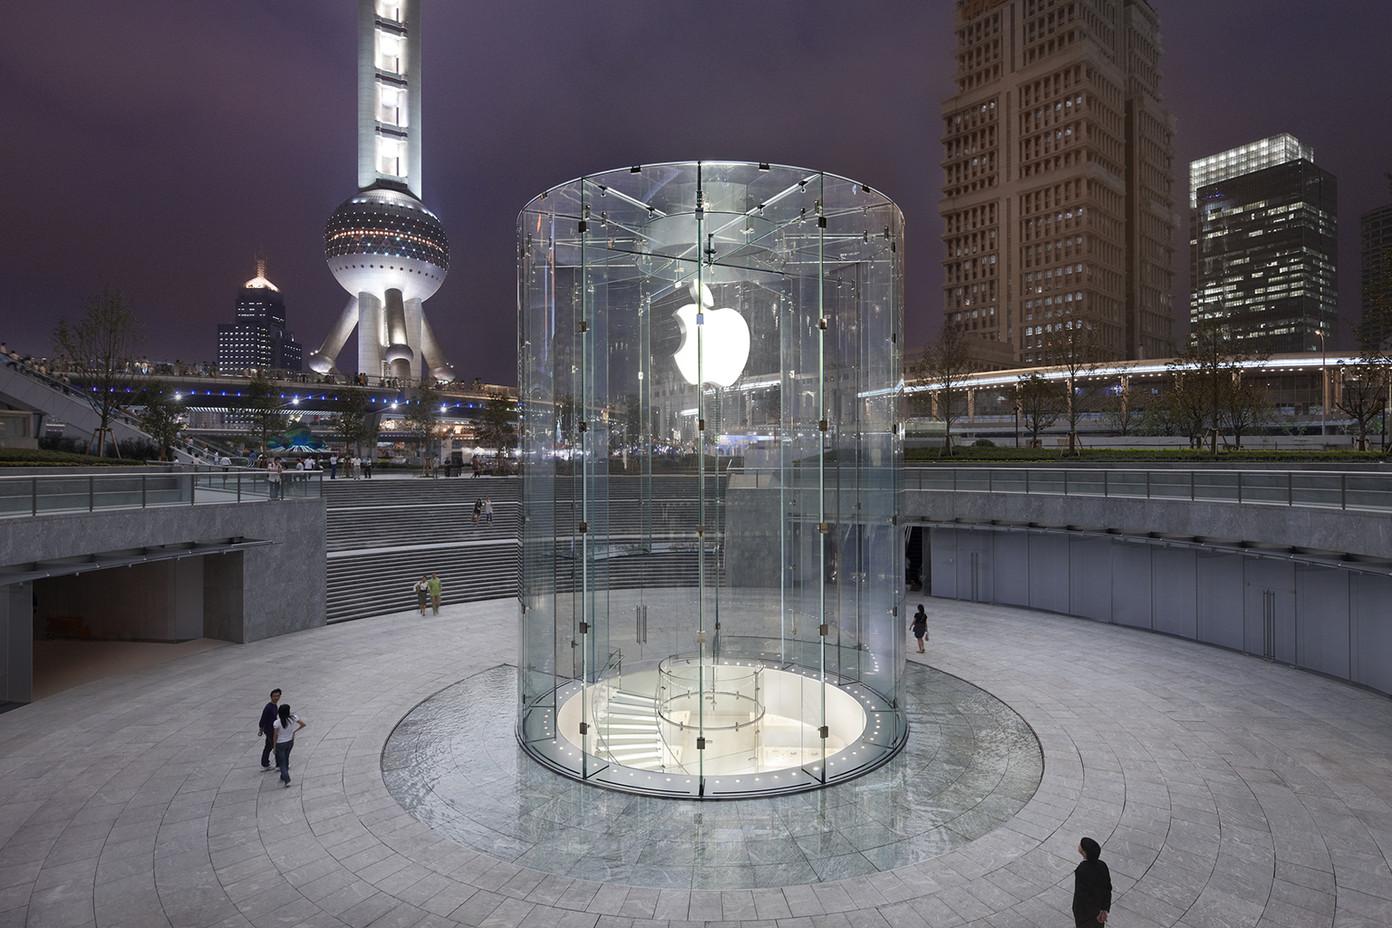 香港ifc苹果店地址_浦东AppleStore零售店